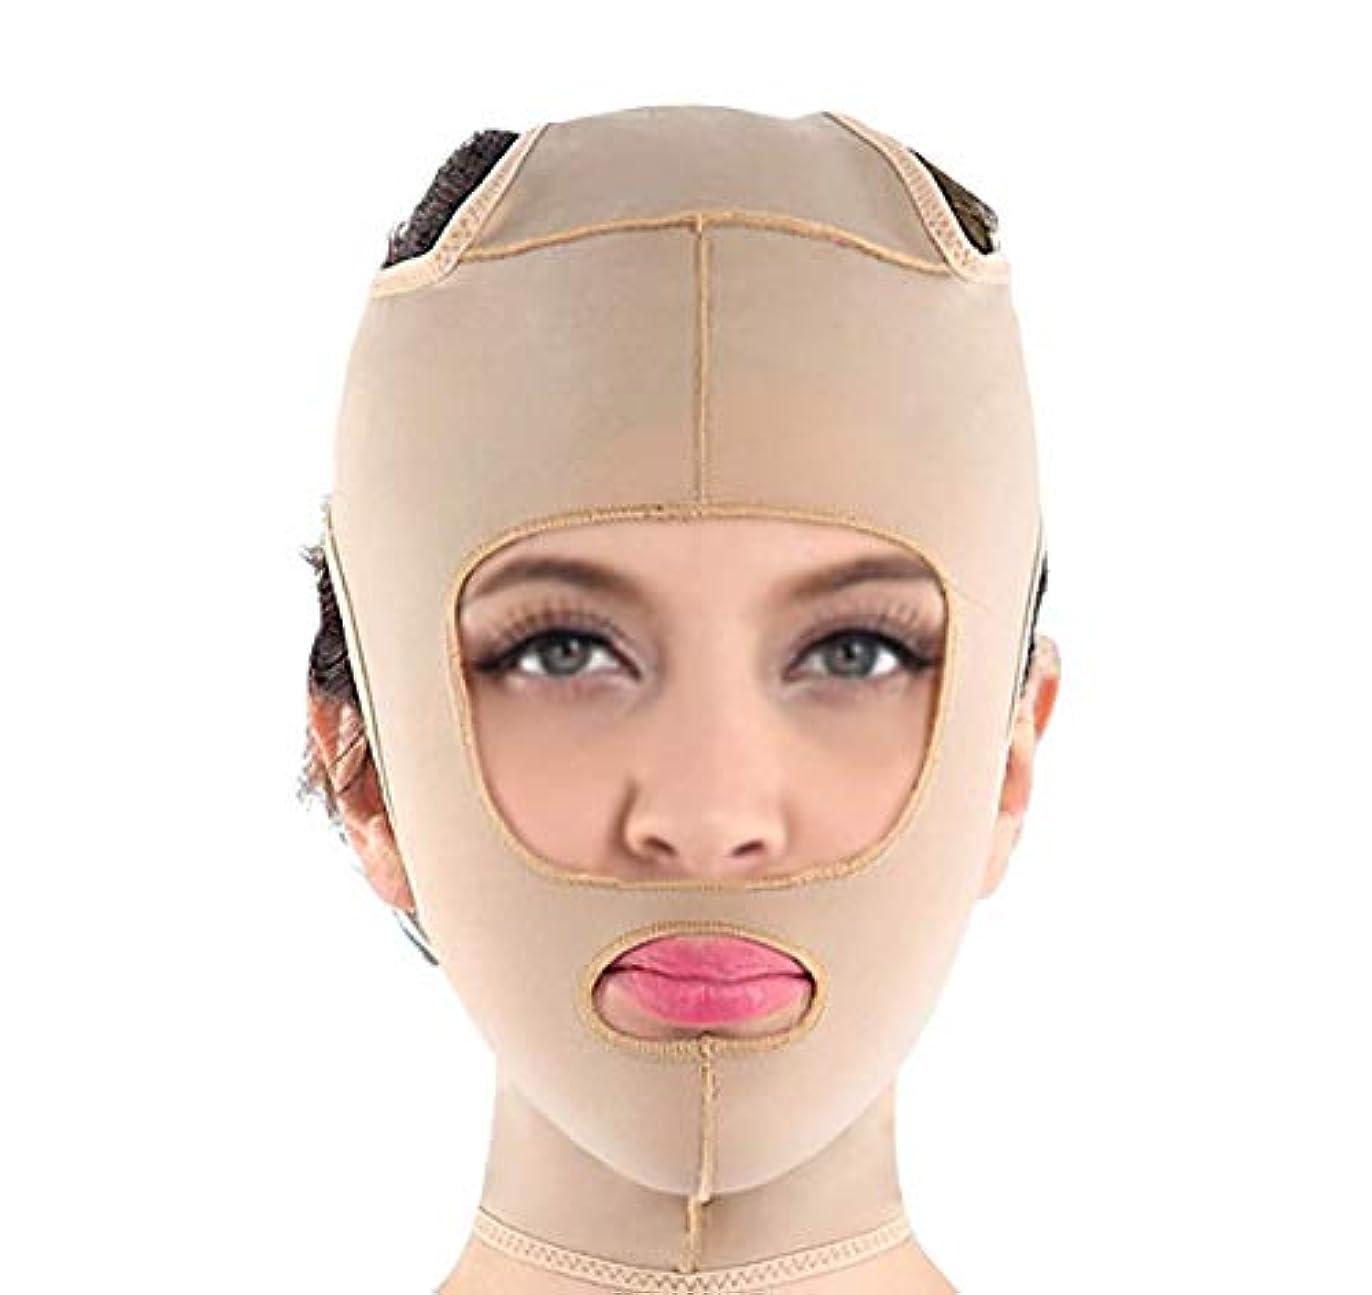 セーブラジウム宿泊施設フェイスリフティングマスクで肌をよりしっかりと保ち、V字型の顔を形作り、超薄型の通気性、調節可能で快適な着用感(サイズ:Xl),S